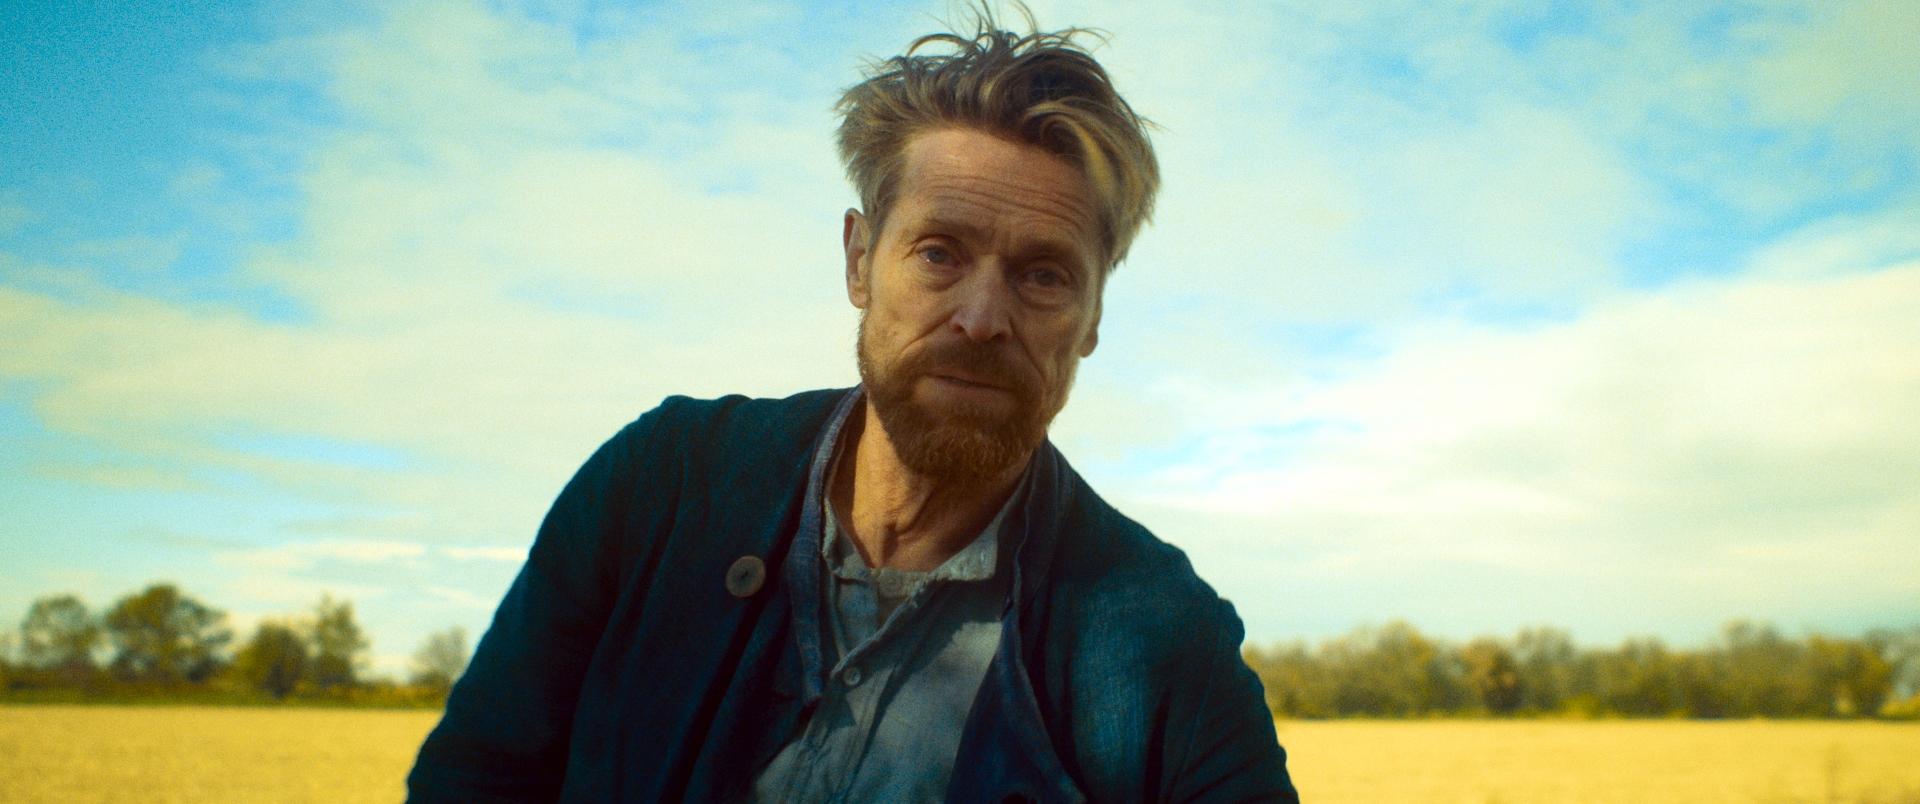 Van Gogh - Sulla soglia dell'eternità: Willem Dafoe in una scena